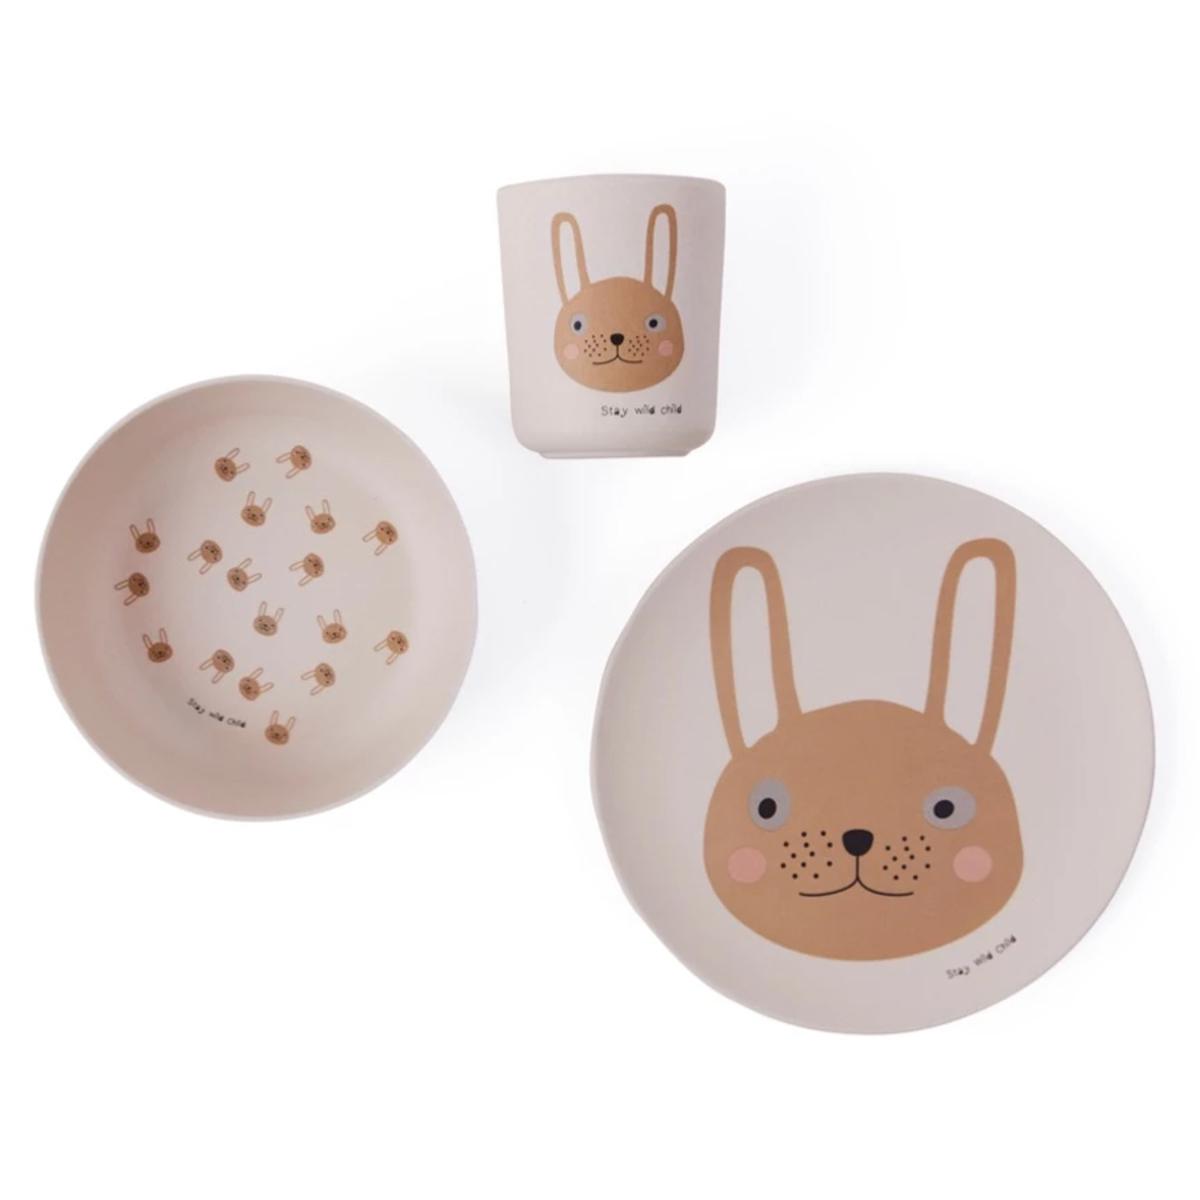 Coffret repas Coffret Repas 3 Pièces - Rabbit